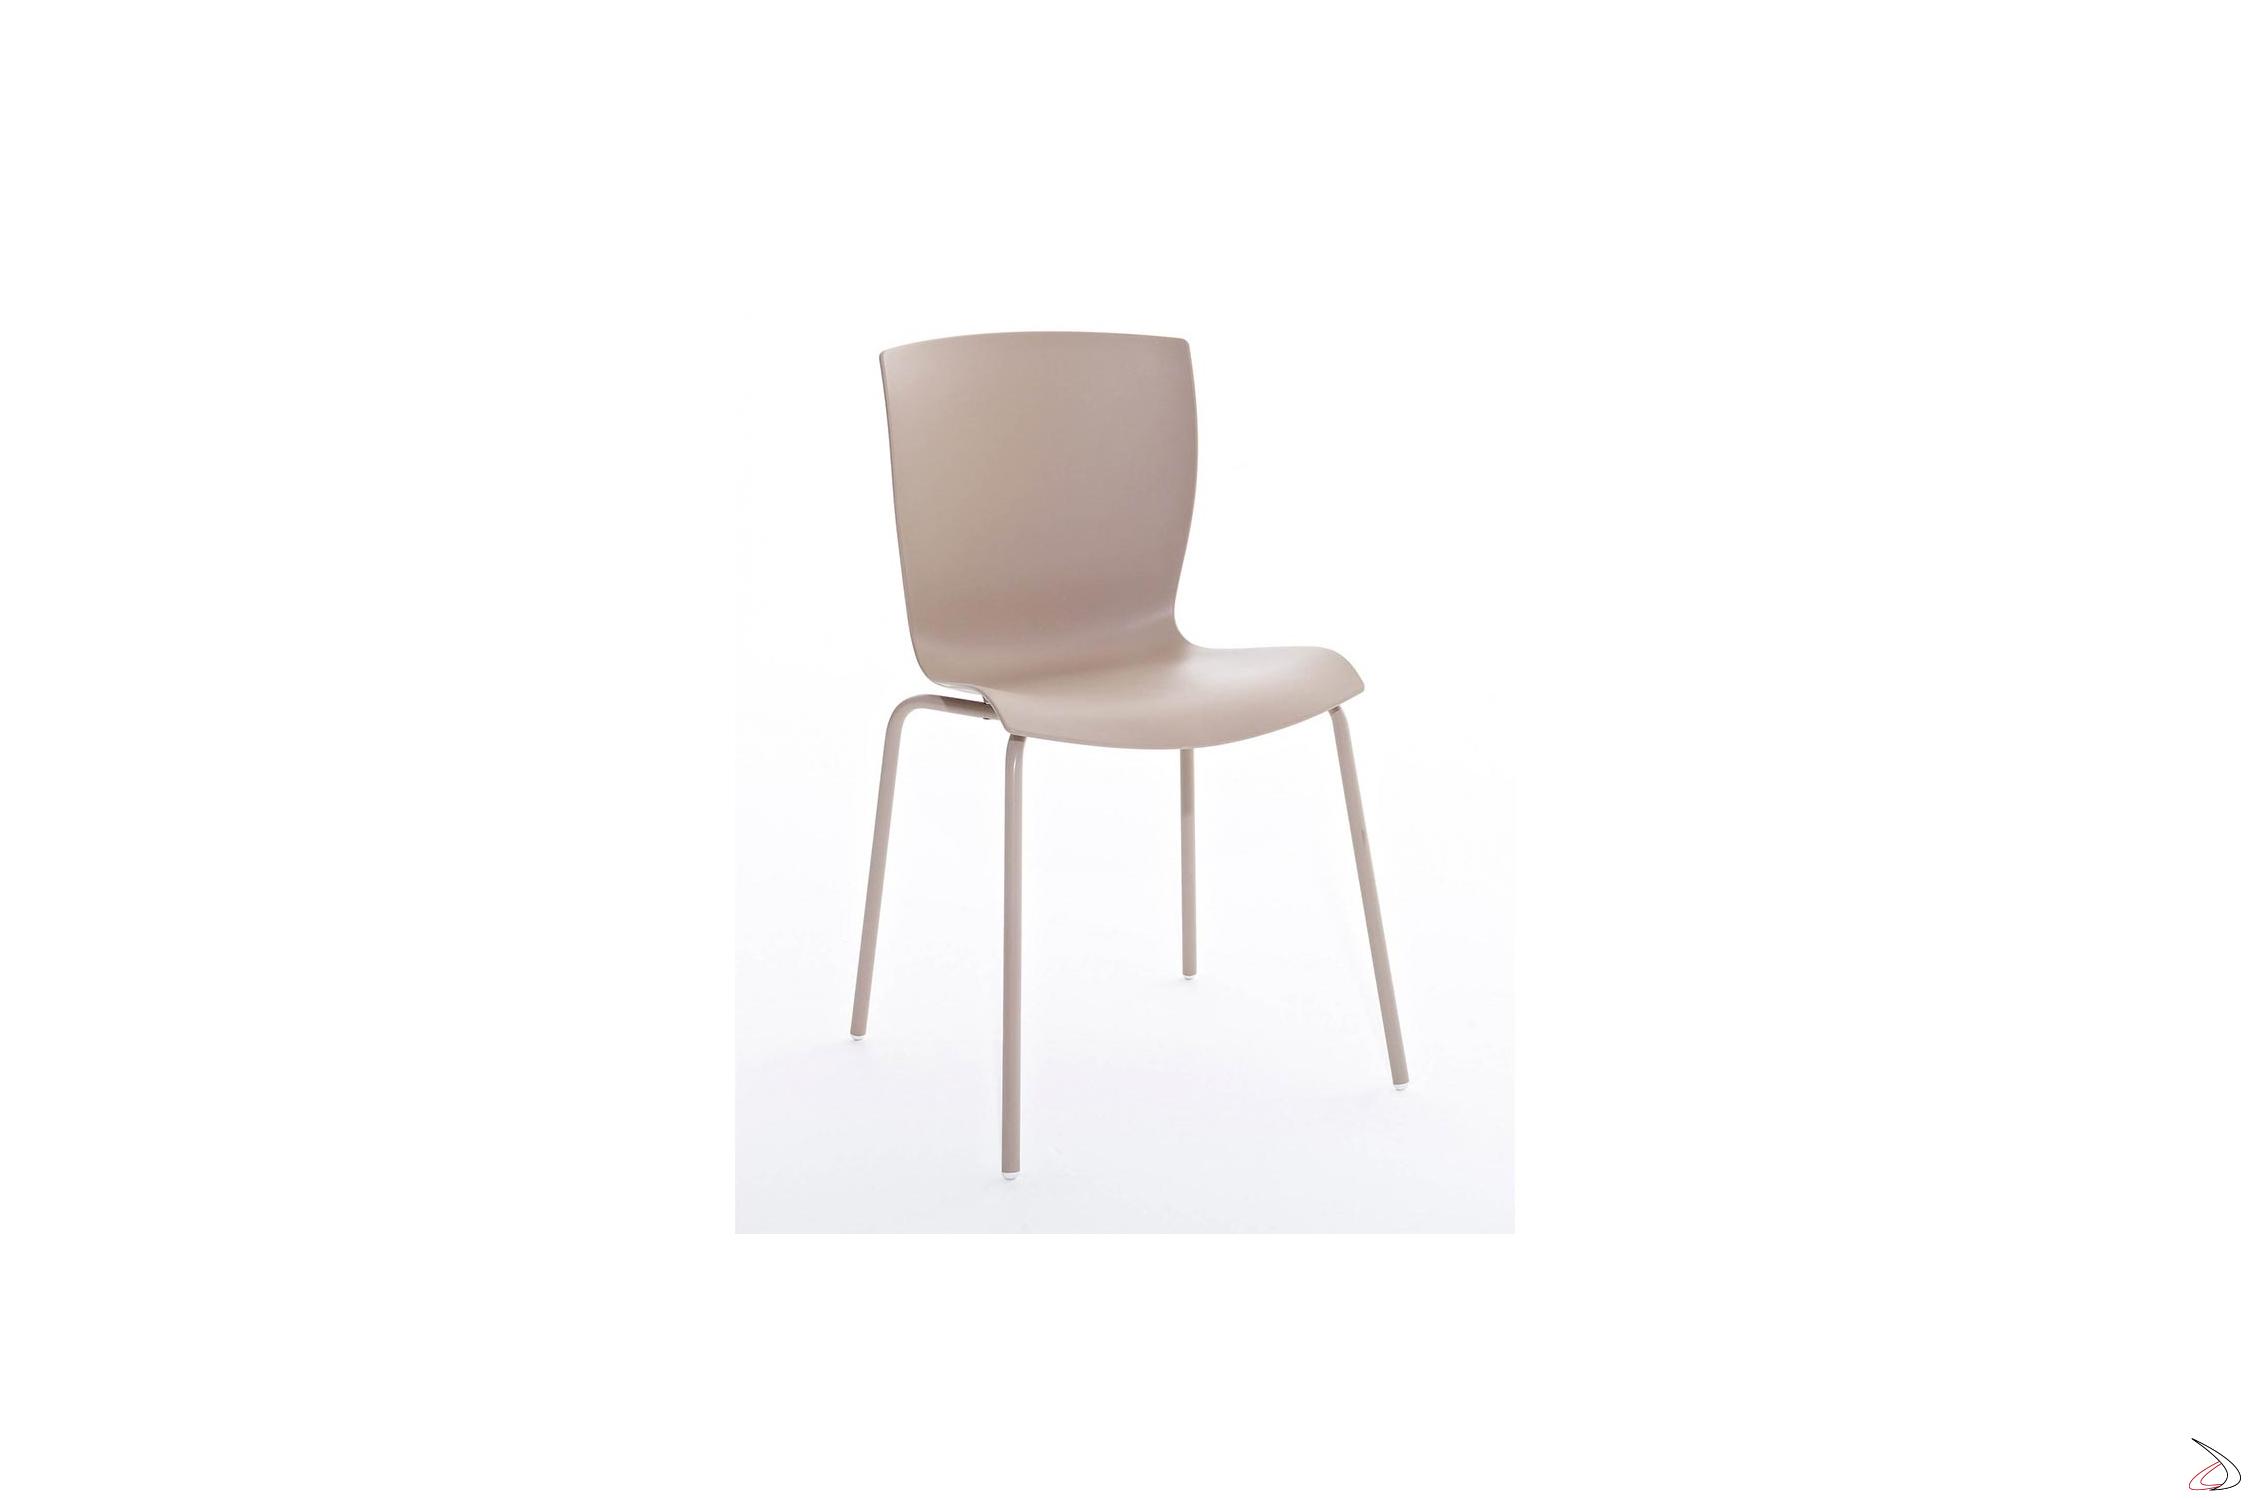 Rap chair